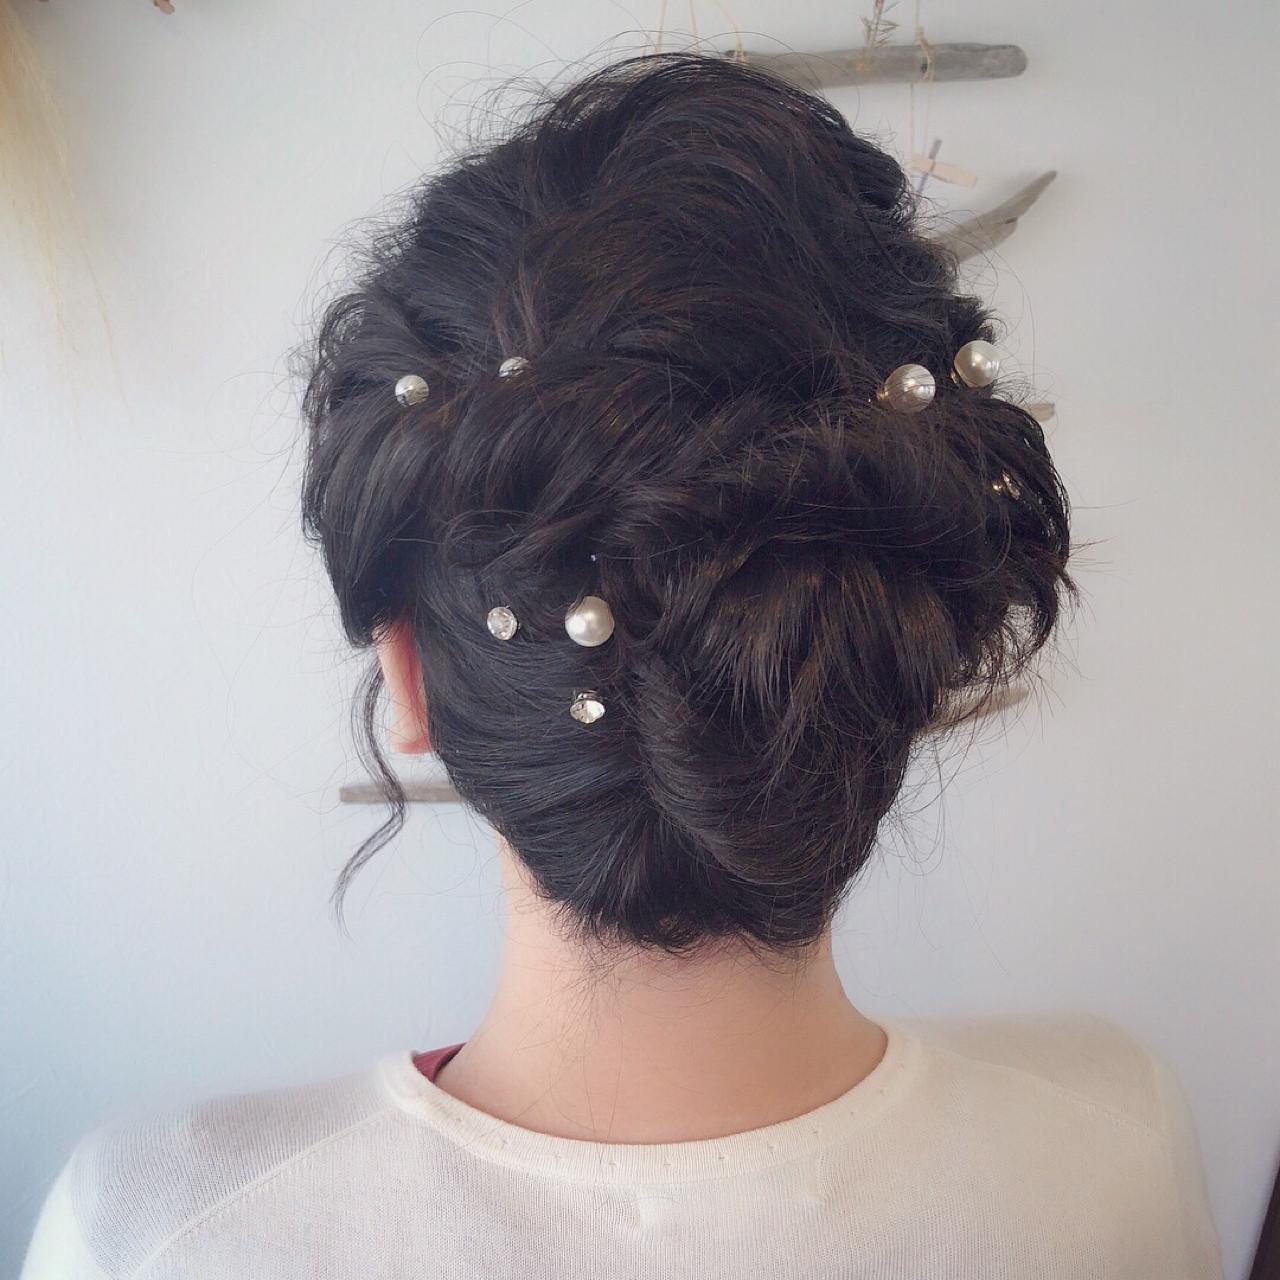 編み込みヘアに髪飾りを散らしてガーリーに 平野ちなみ